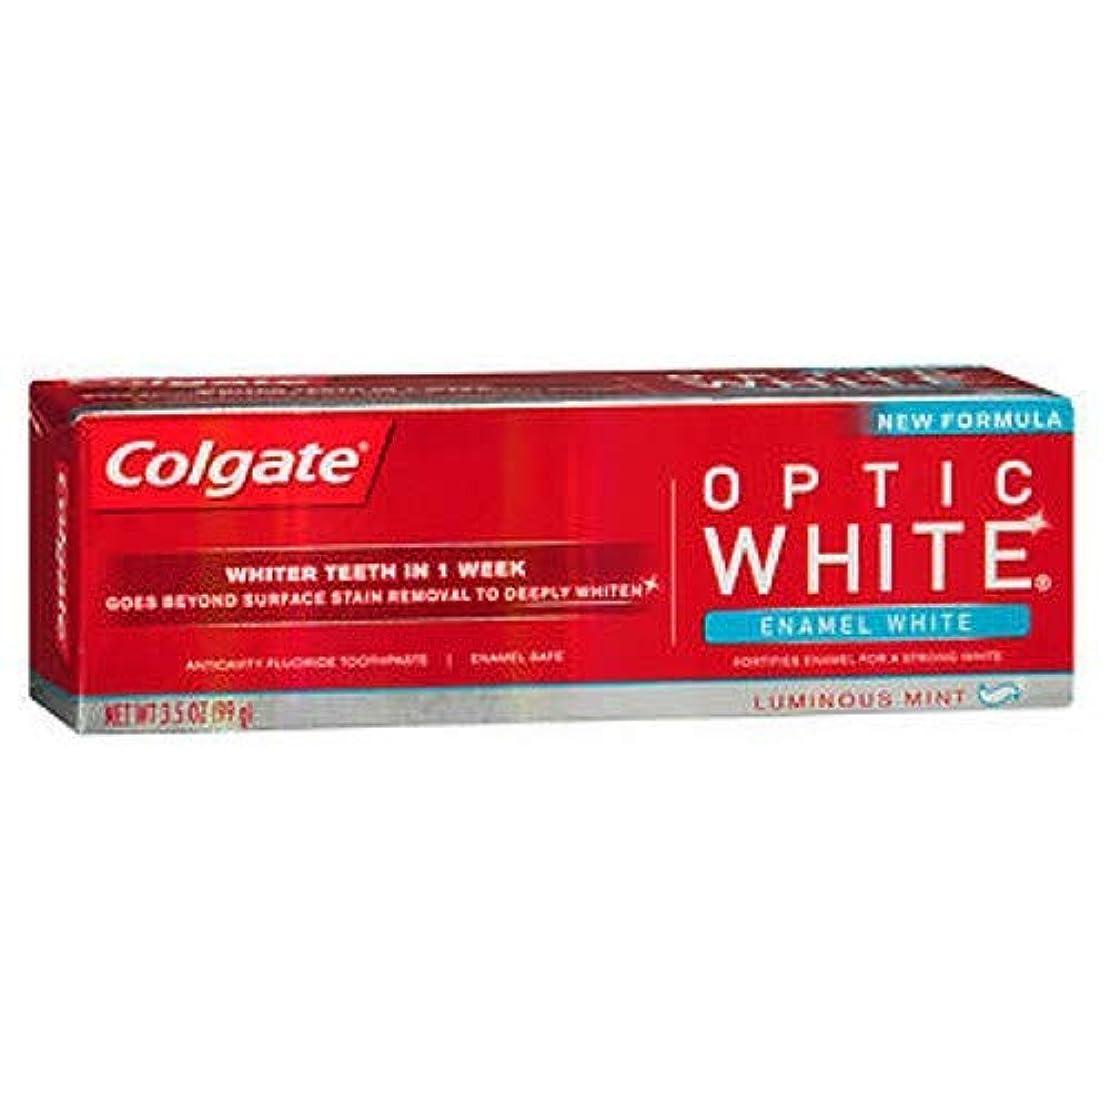 シャワーリーチ微弱Colgate オプティックホワイト虫歯予防フッ素の歯磨き粉、エナメルホワイト、ルミナスミント3.5オンス(3パック) 3パック